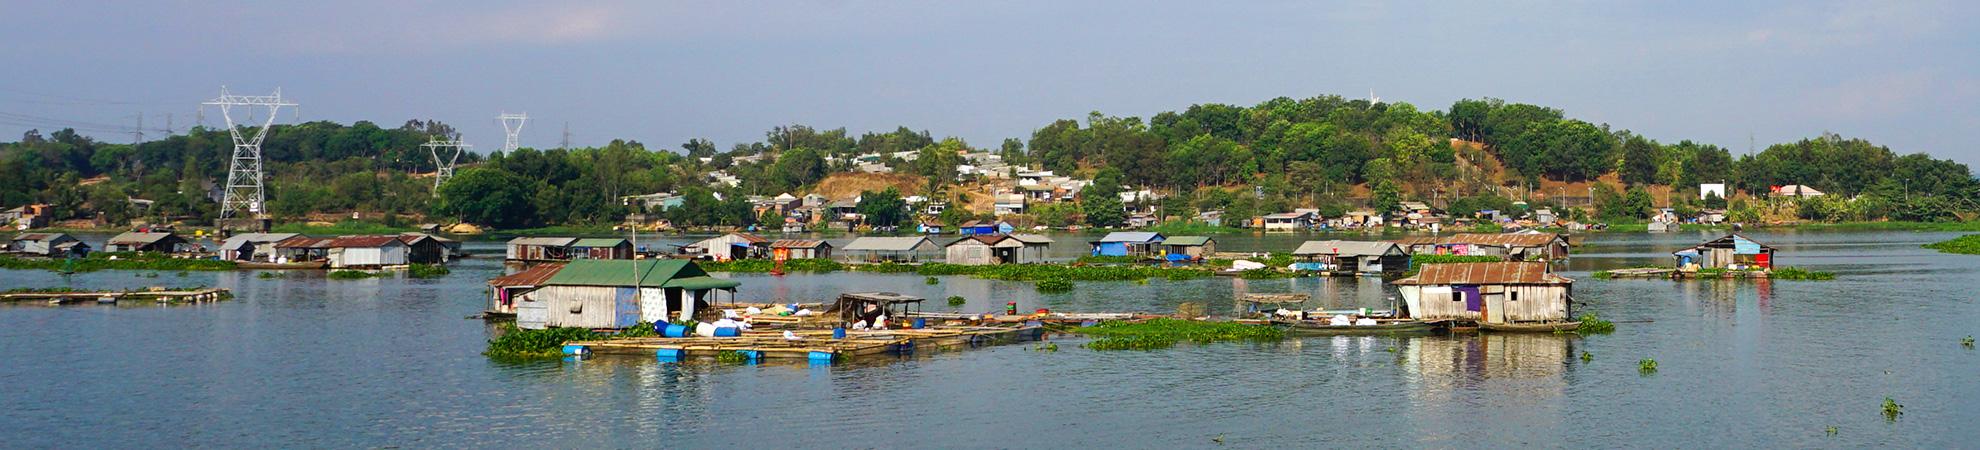 Kampong Khleang, un véritable village flottant